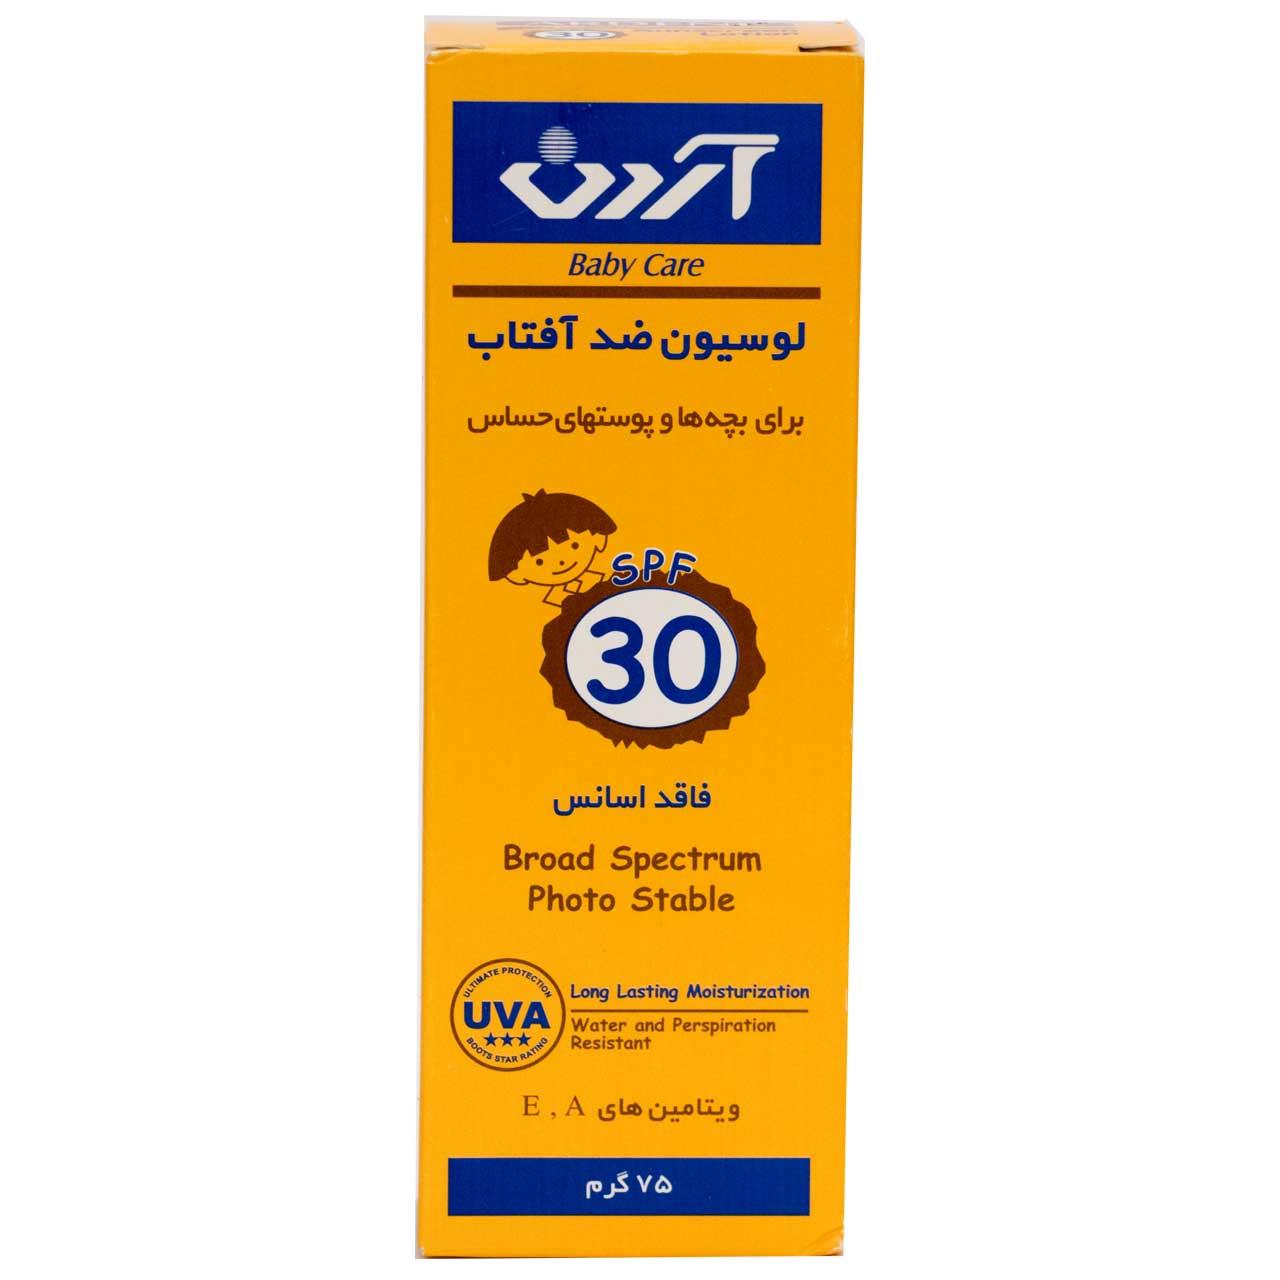 لوسیون ضدآفتاب کودکان و پوست های حساس آردن SPF30 حجم 75 گرم